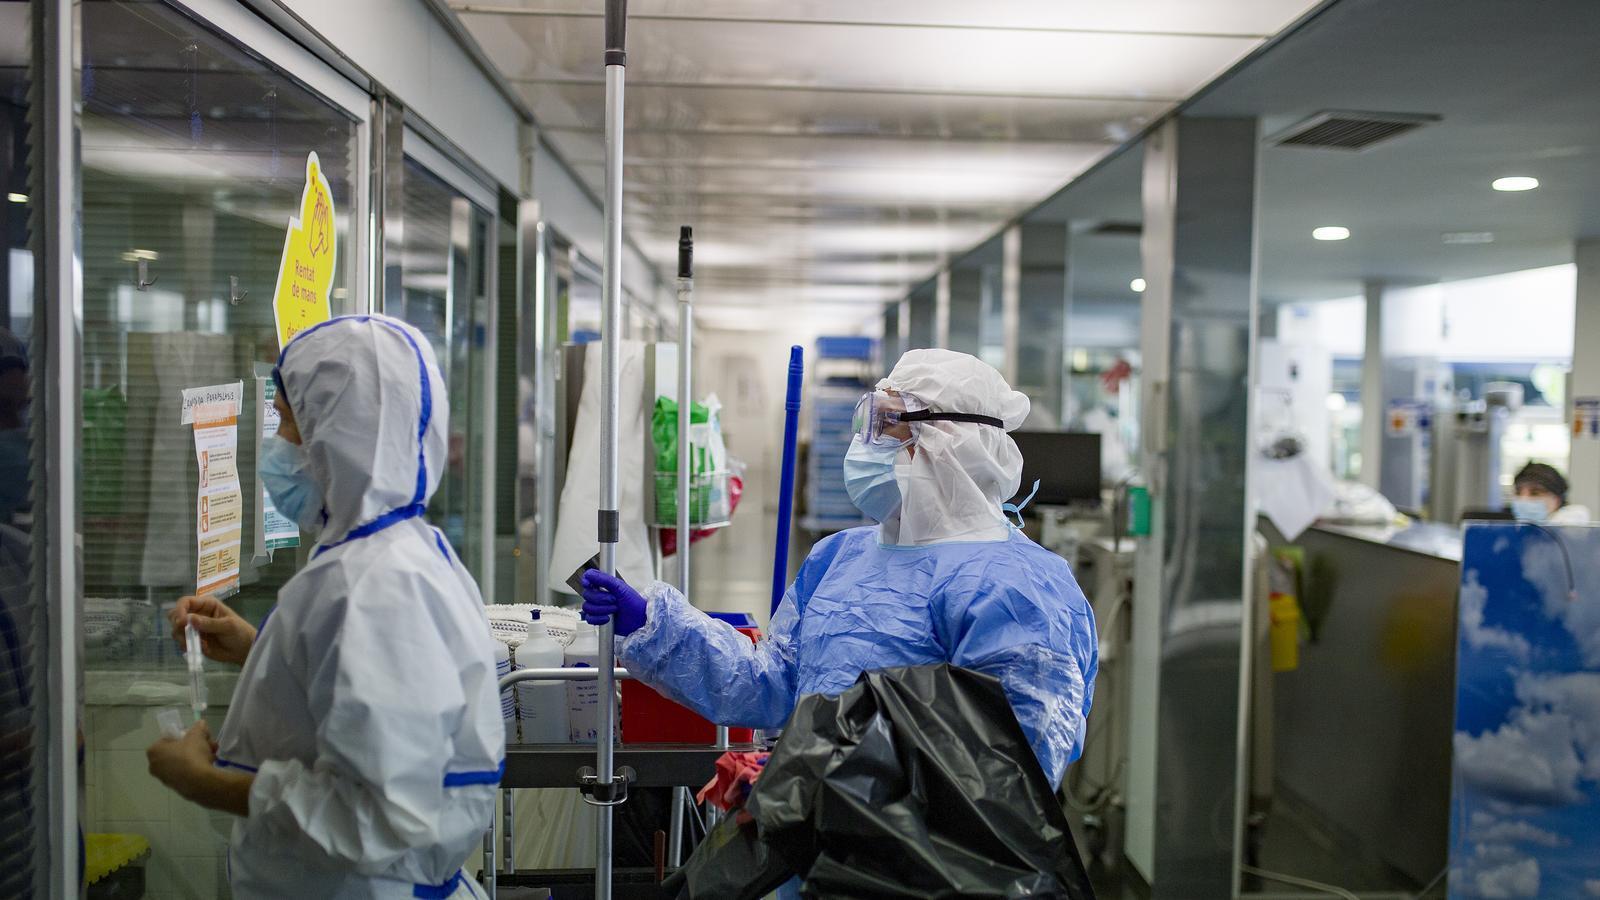 Salut informa de 9 morts més per coronavirus a Catalunya, però cap en les últimes 24 hores